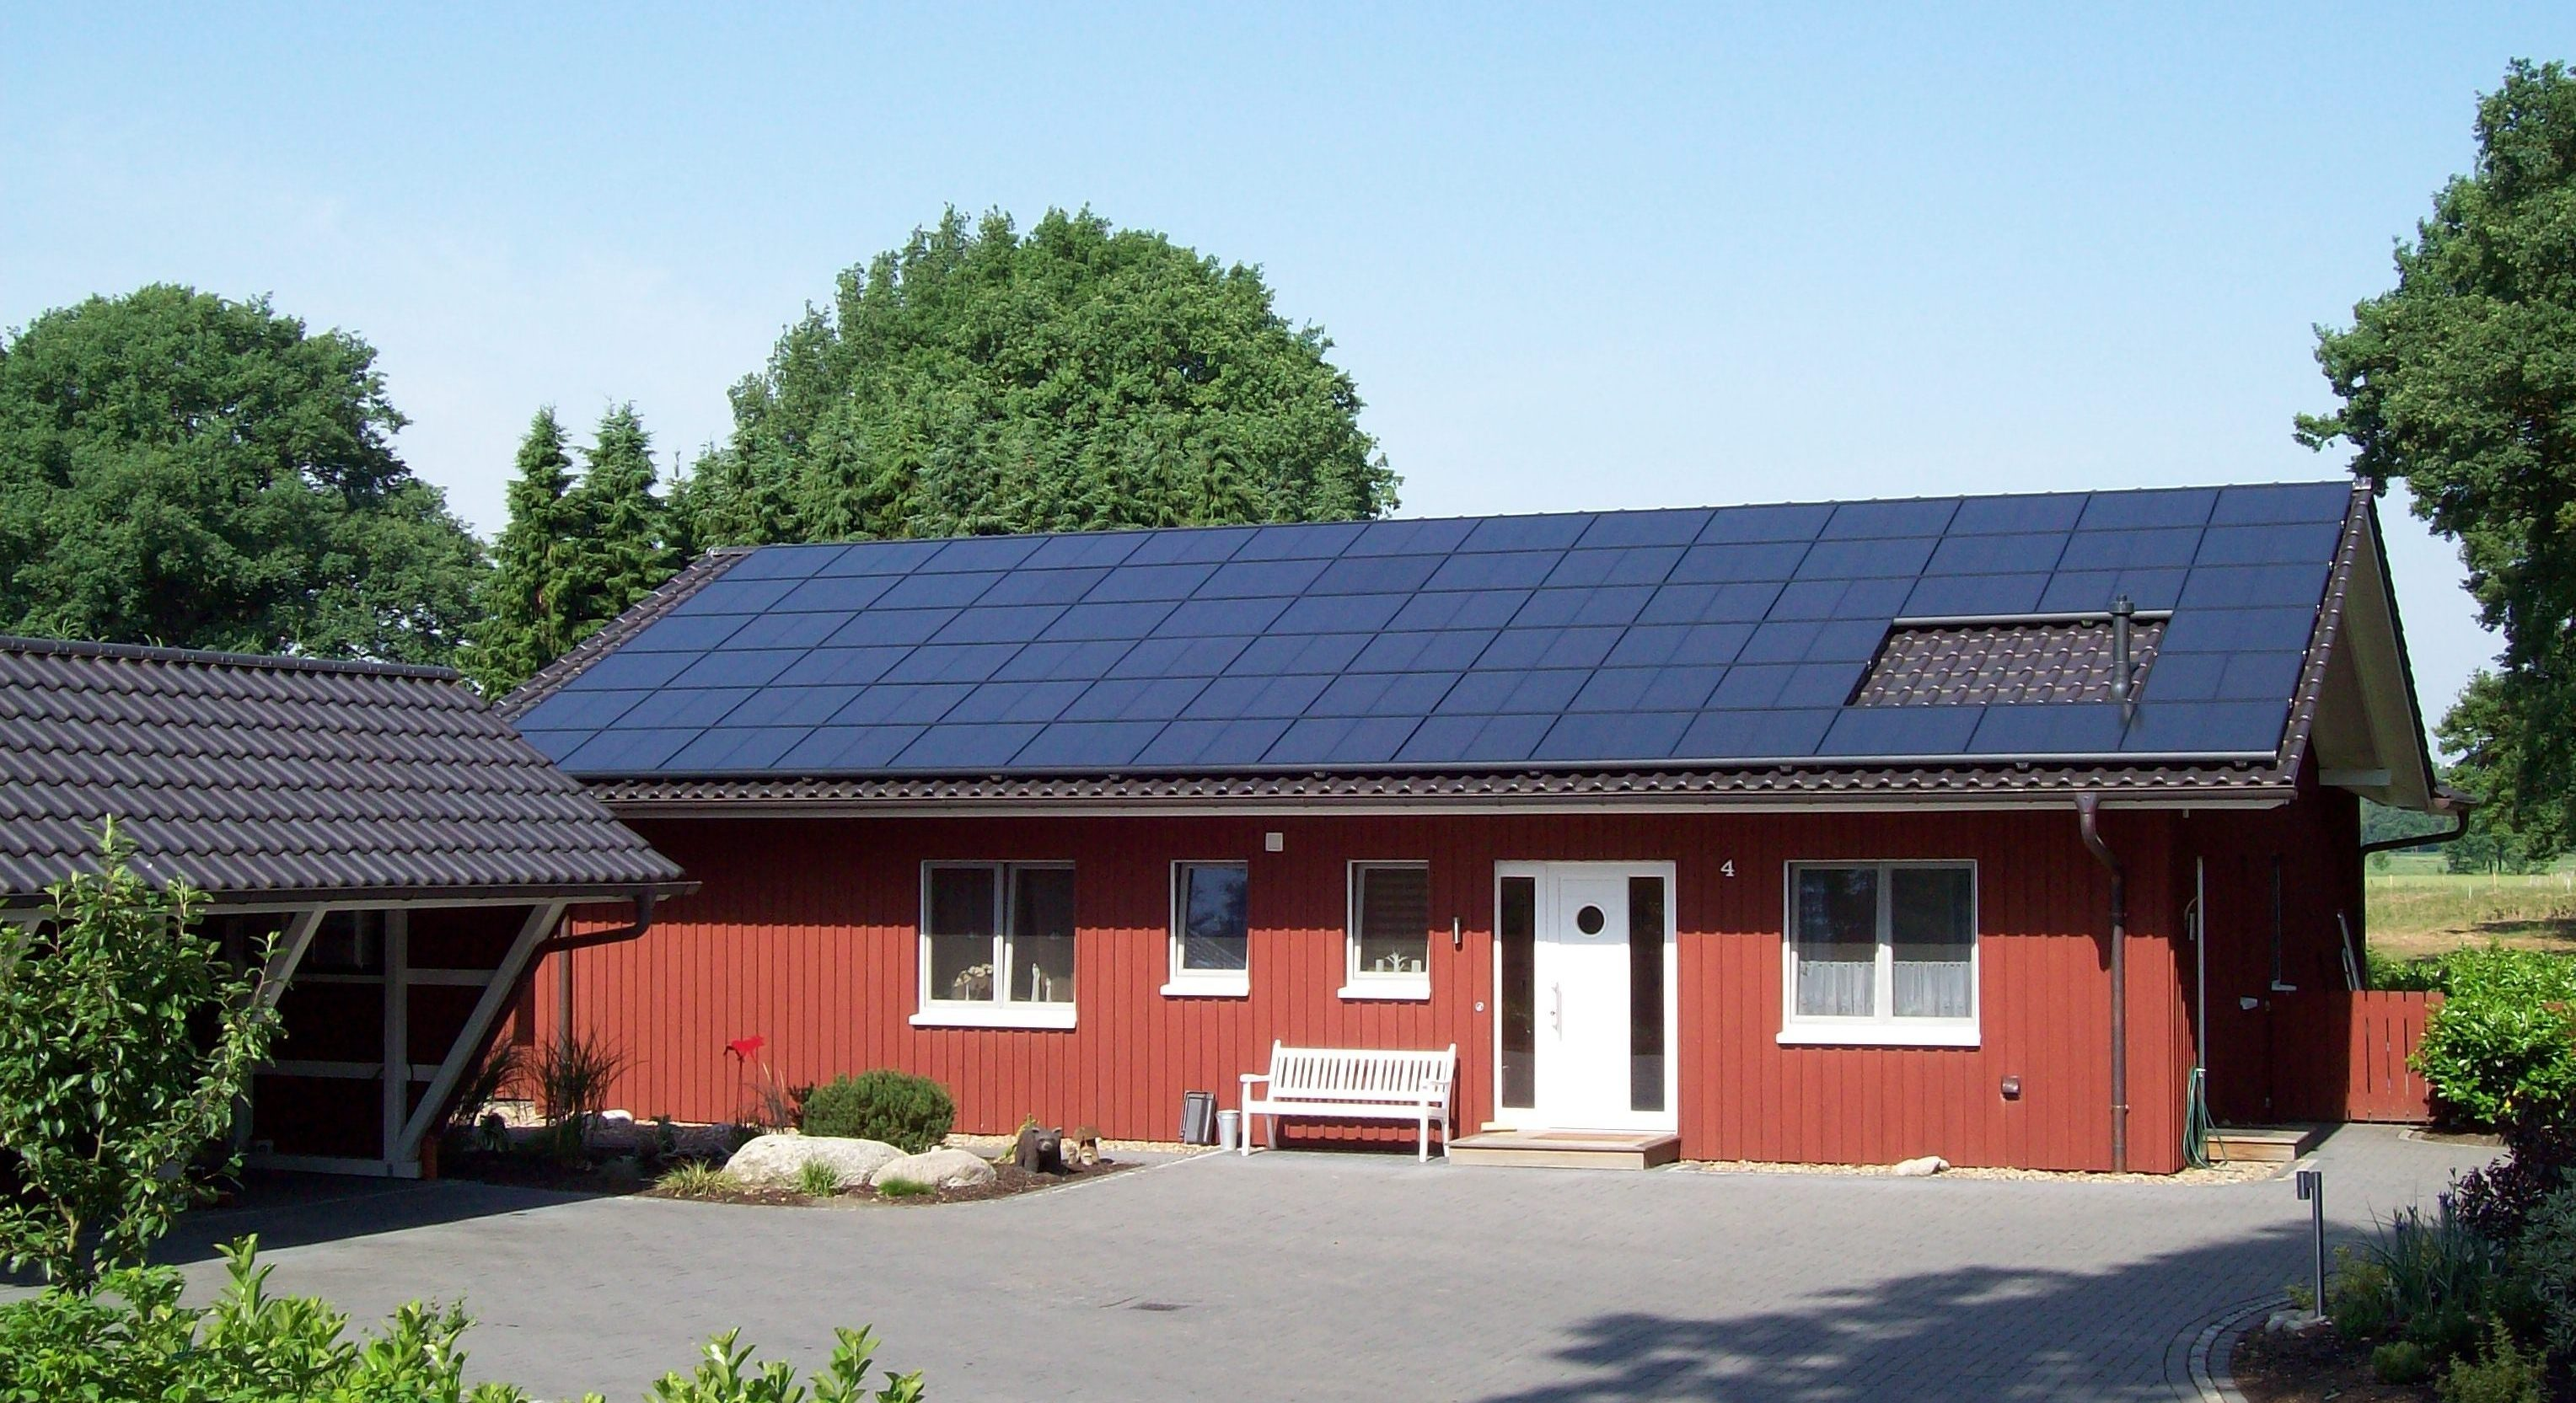 Solarstrom mit Photovoltaik auf dem Dach eines Wohnhauses